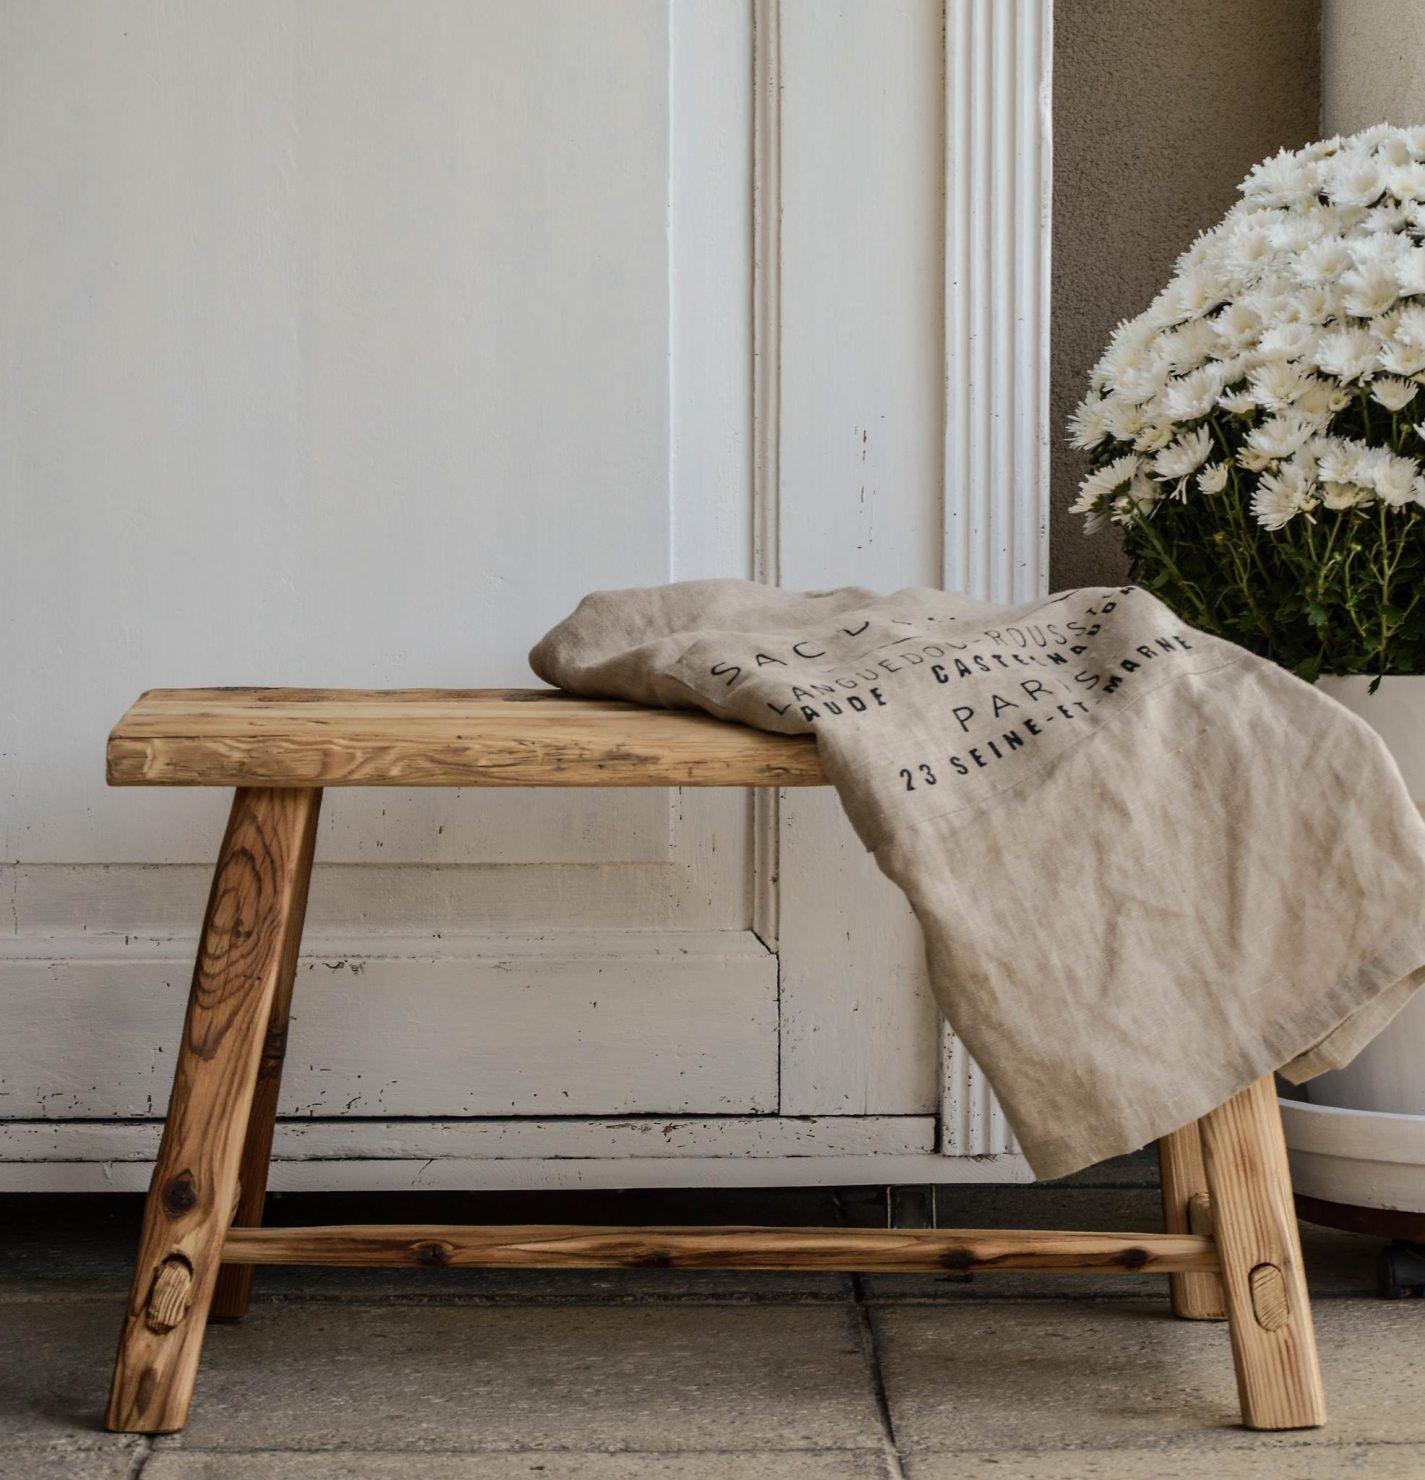 adriana odi la z bratislavy a vymenila korpor t za. Black Bedroom Furniture Sets. Home Design Ideas